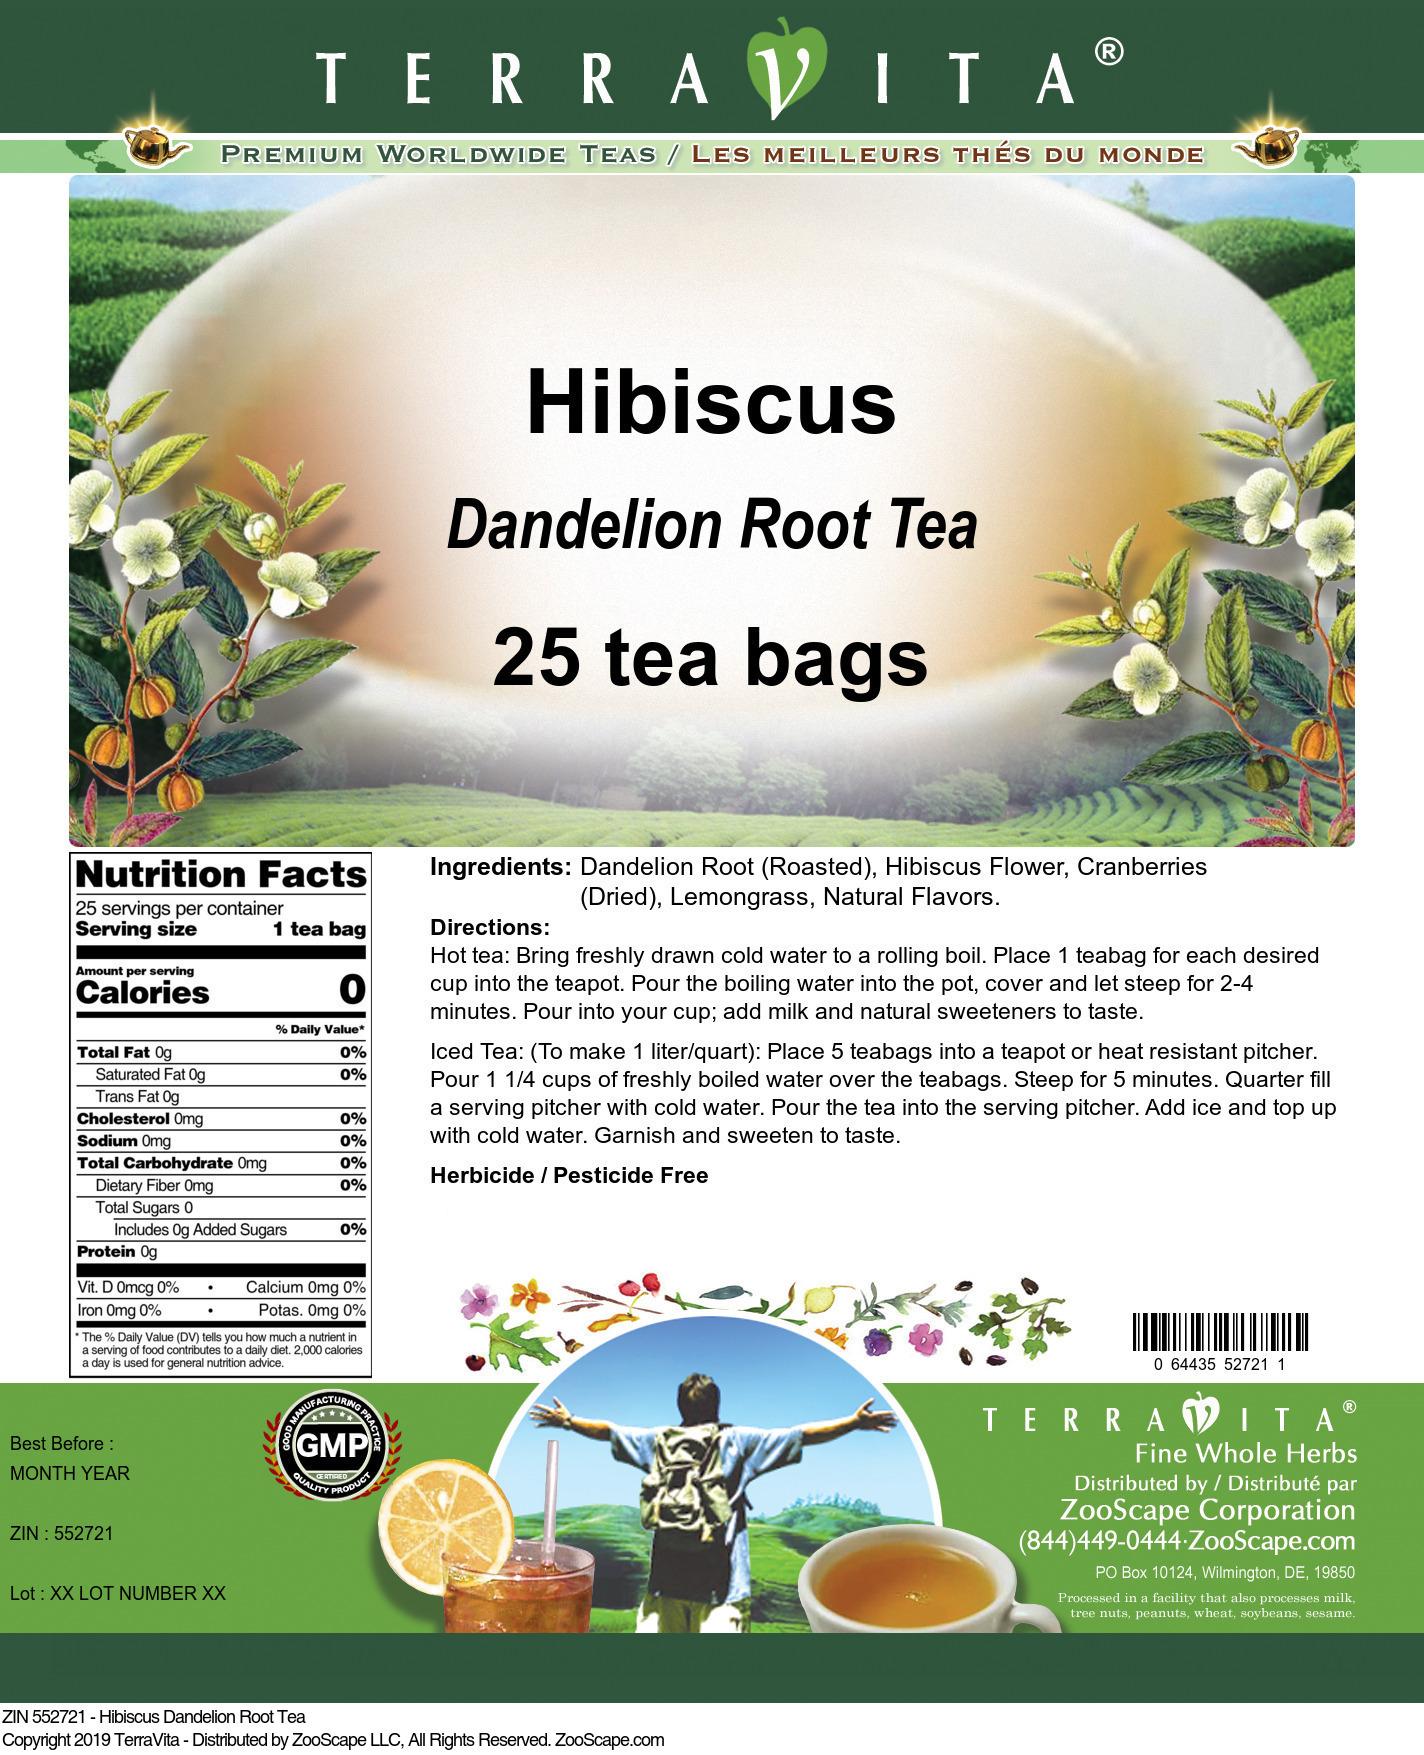 Hibiscus Dandelion Root